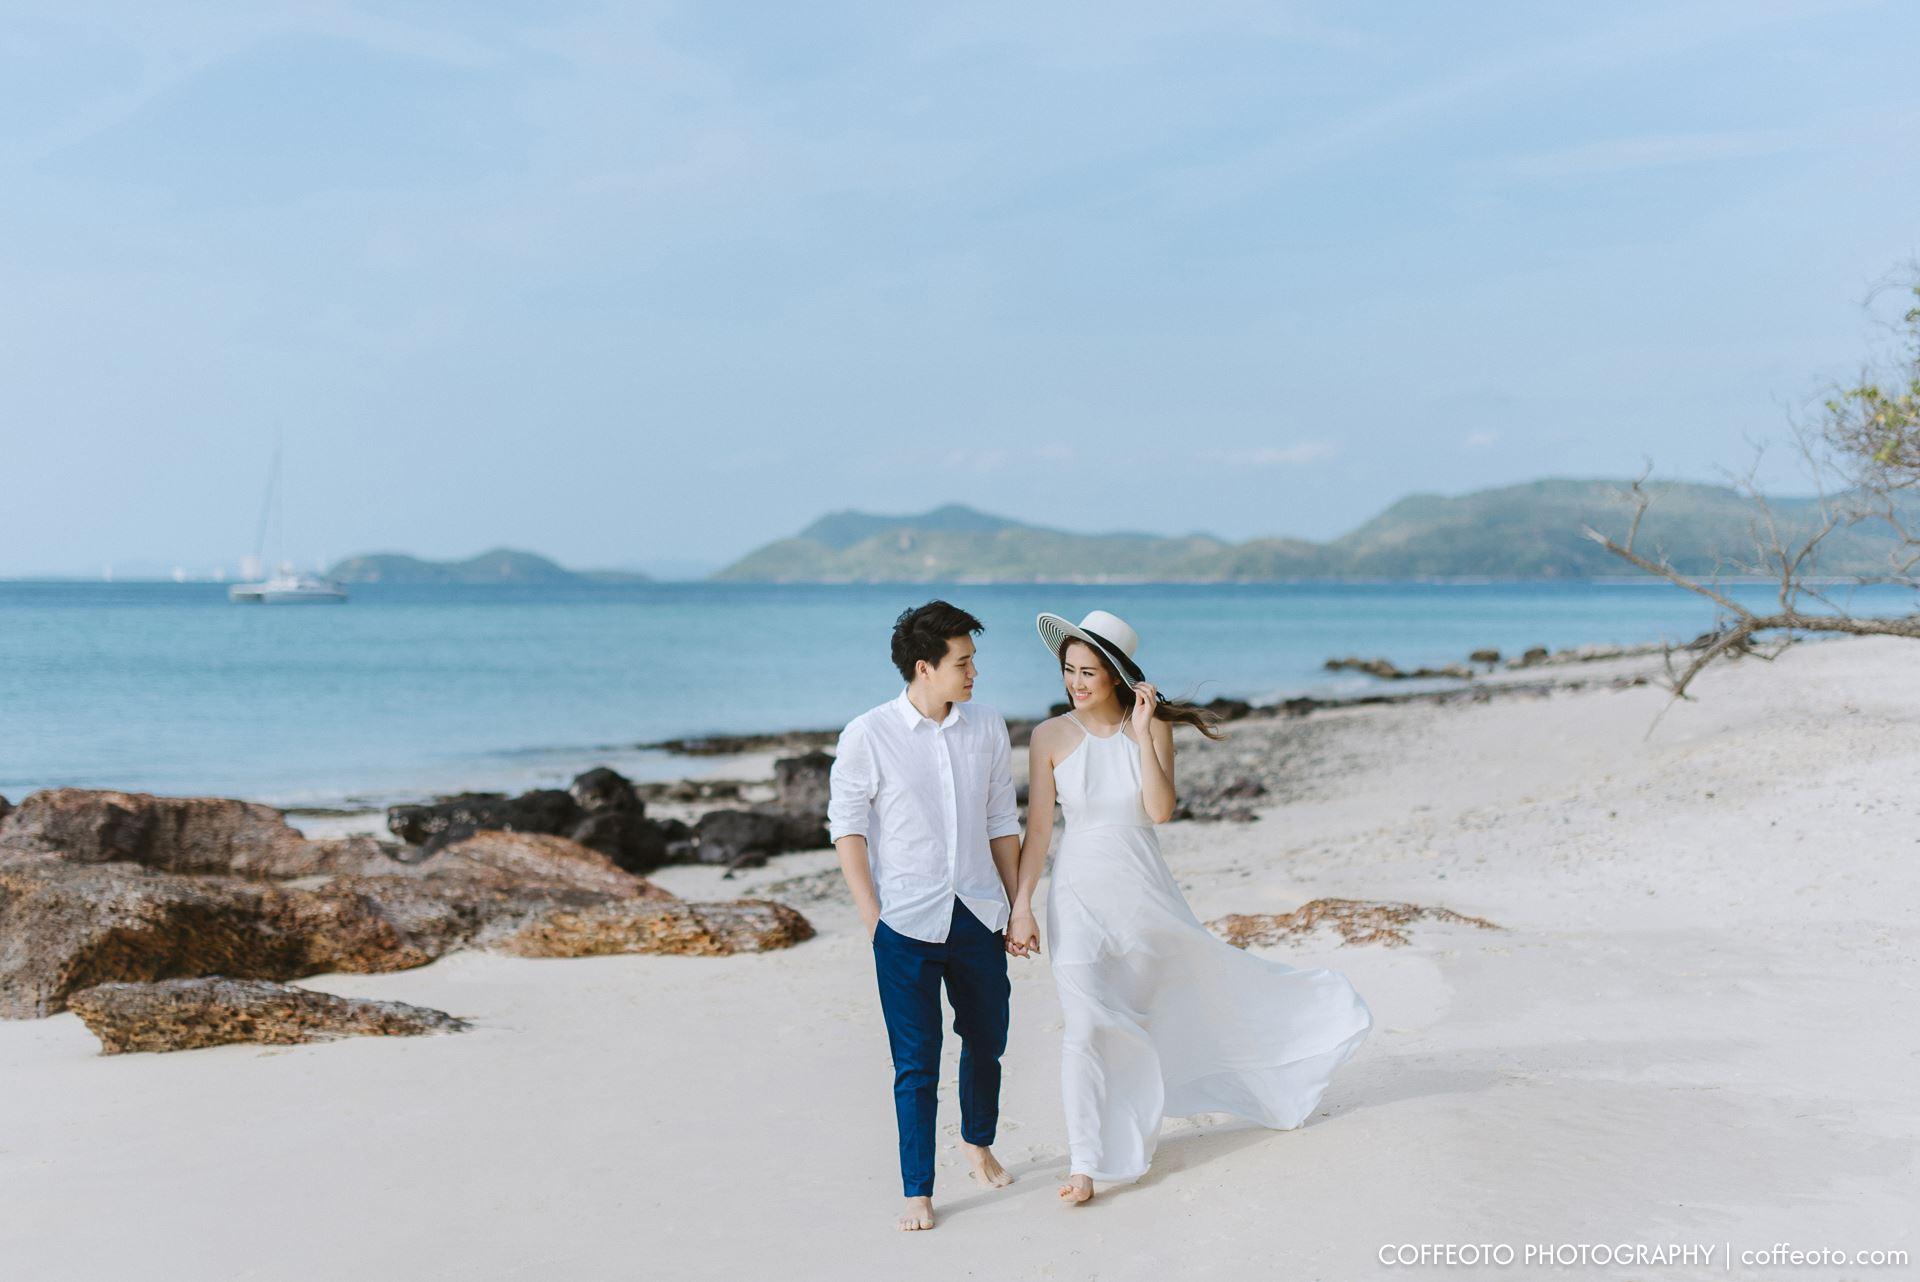 Muay & Copter Pre-wedding